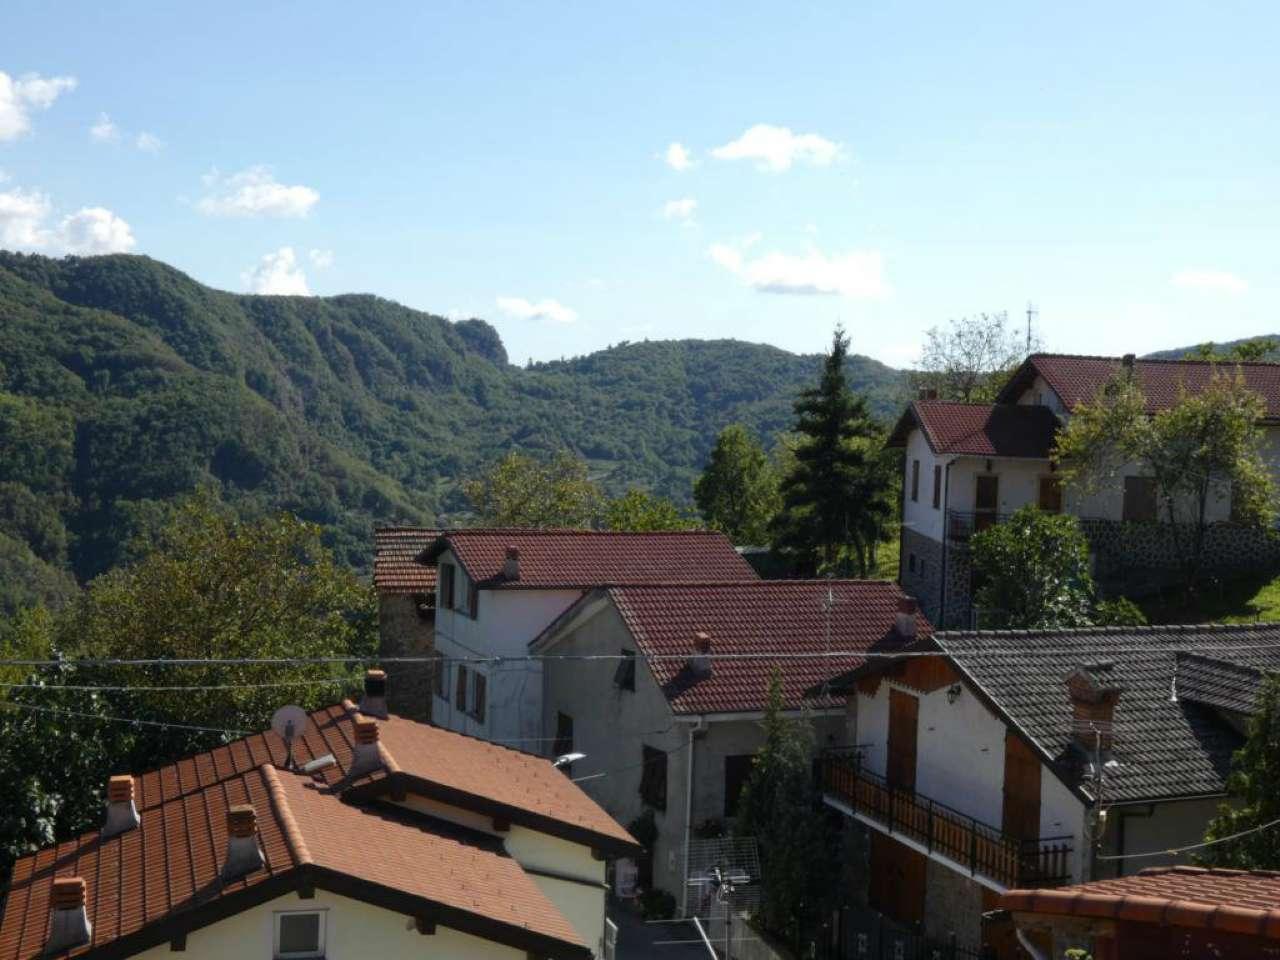 Appartamento in vendita a Ronco Scrivia, 6 locali, prezzo € 25.000 | CambioCasa.it